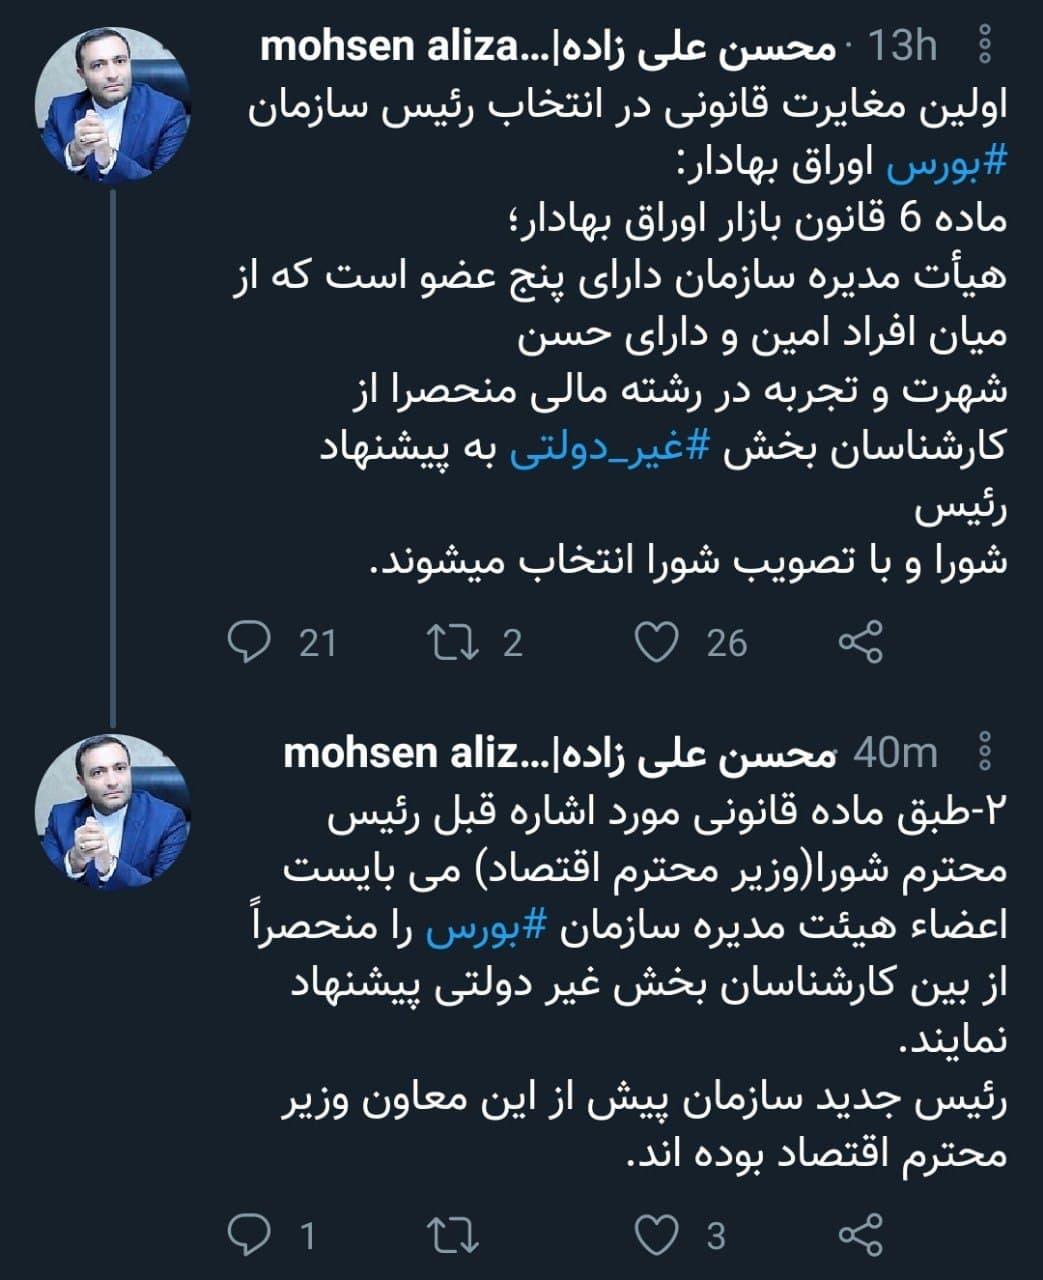 محسن علیزاده